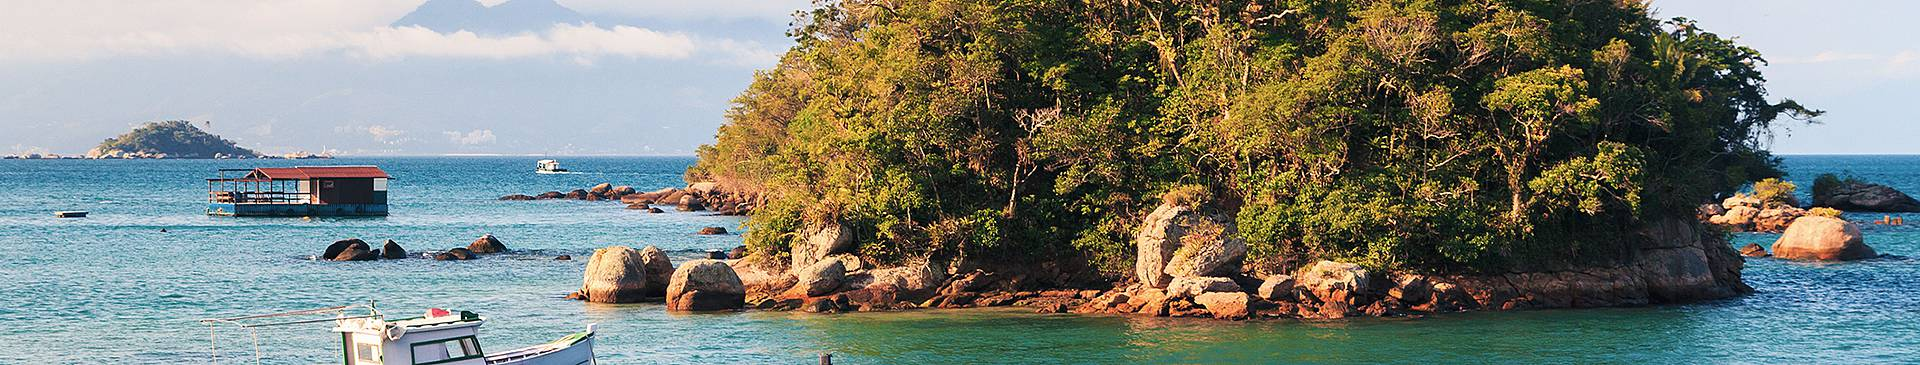 Découverte des îles du Brésil